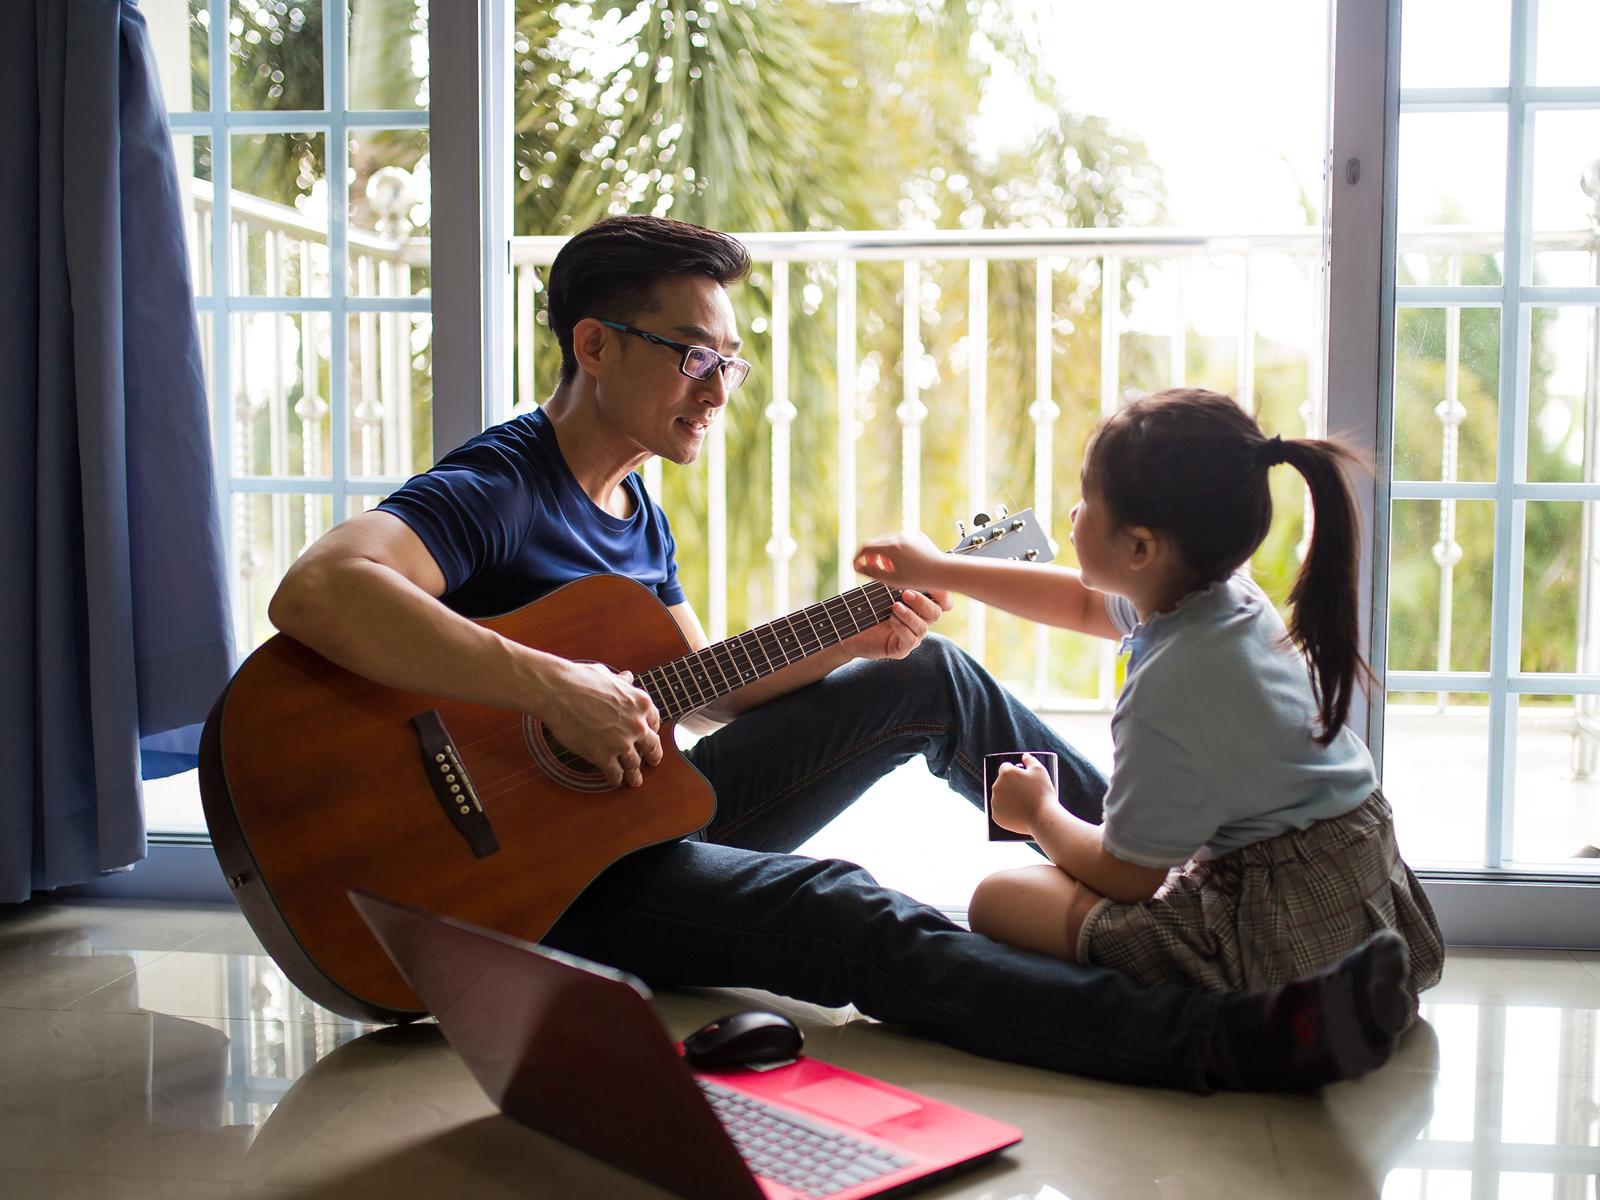 A importância da musicalização na infância